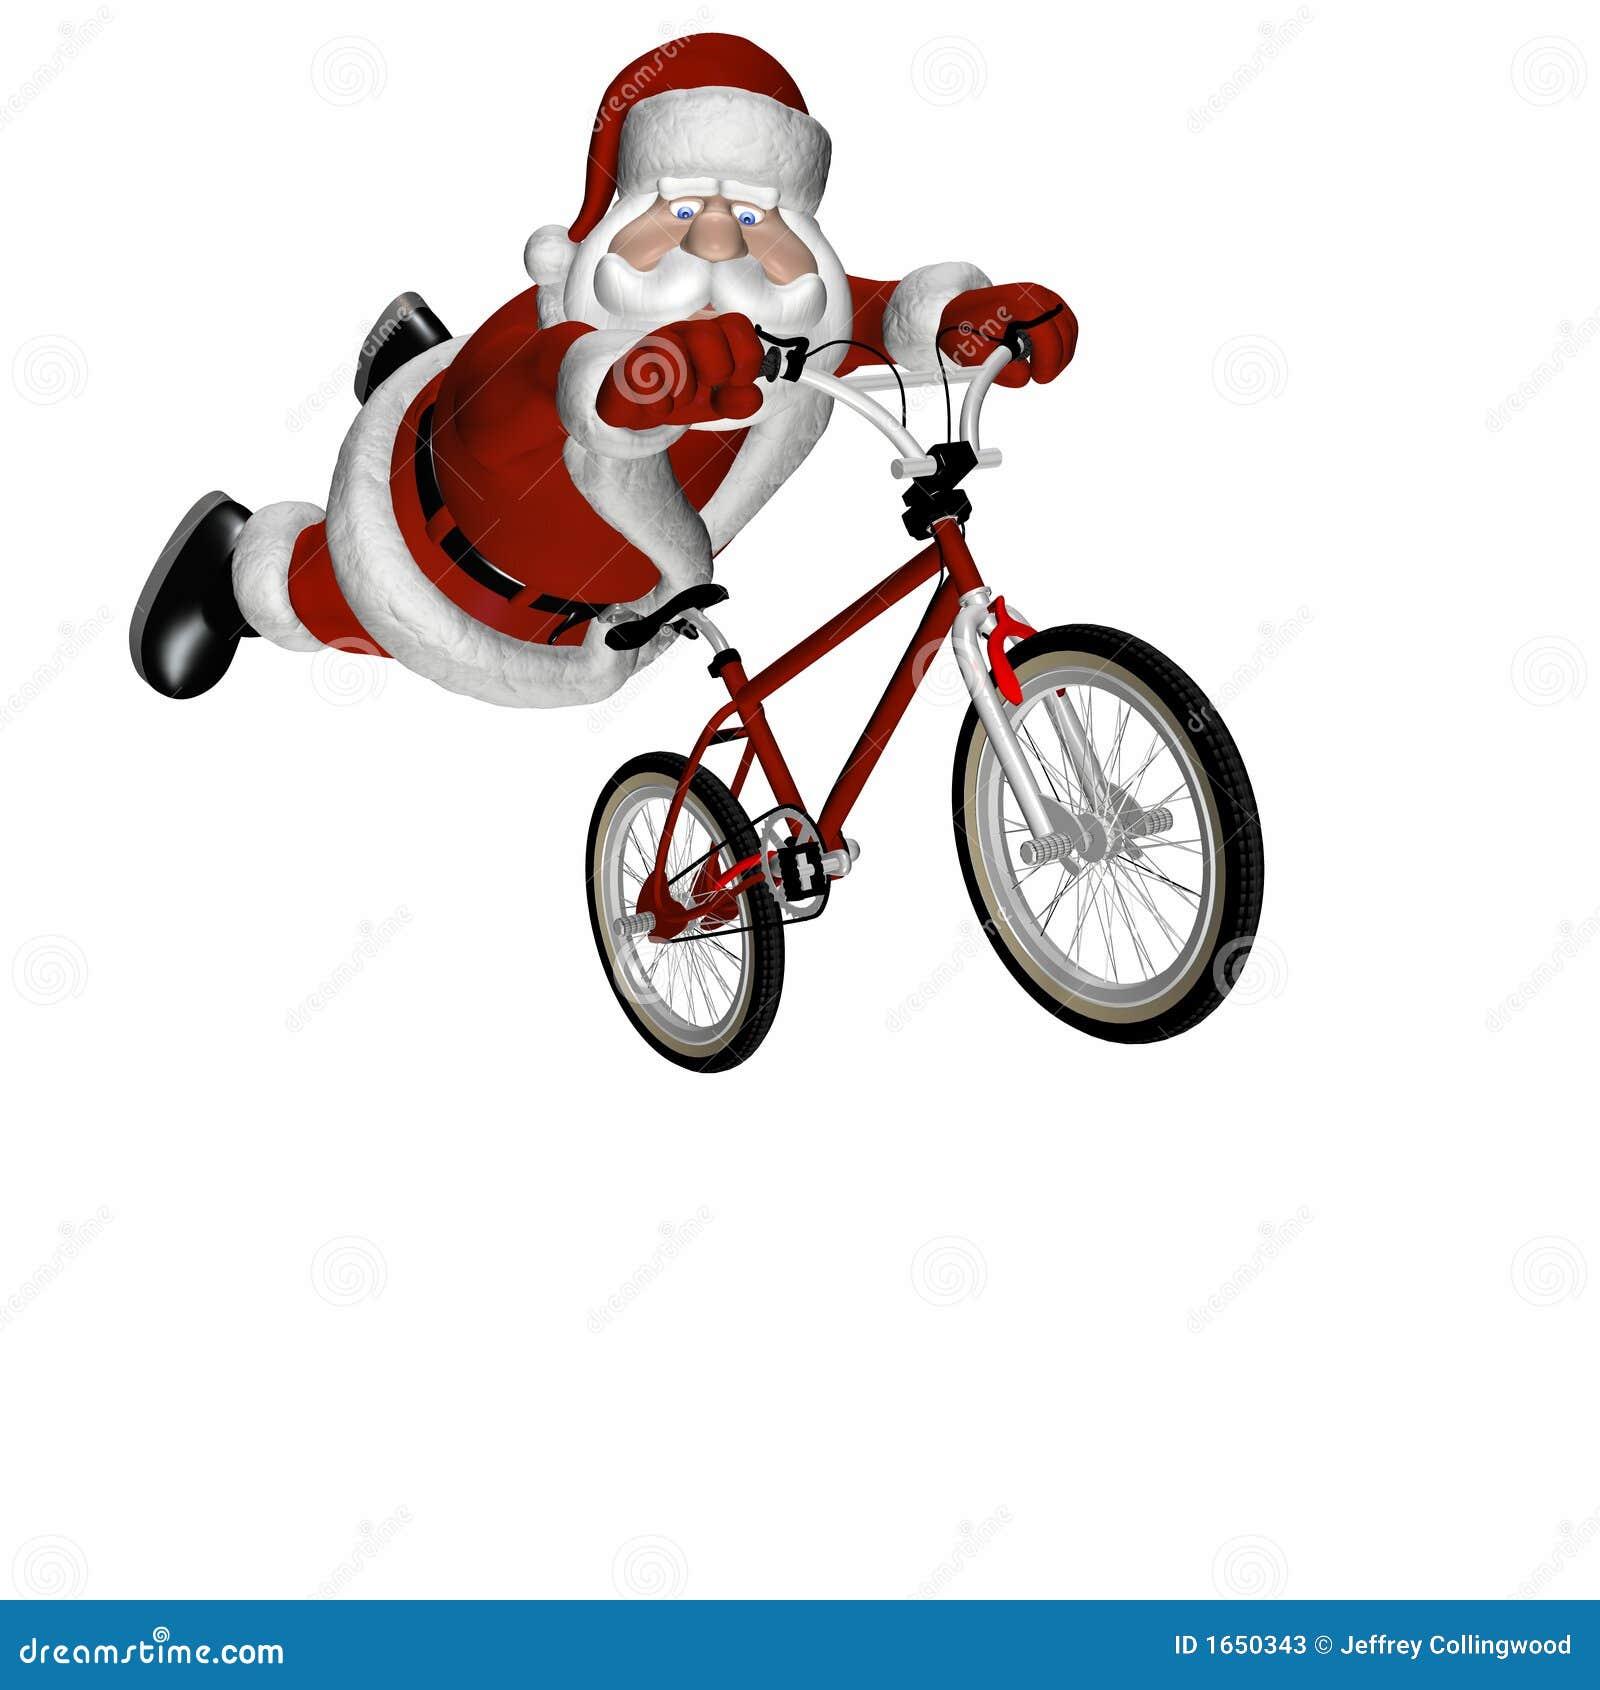 Bmx Santa 3 Stock Photos Image 1650343